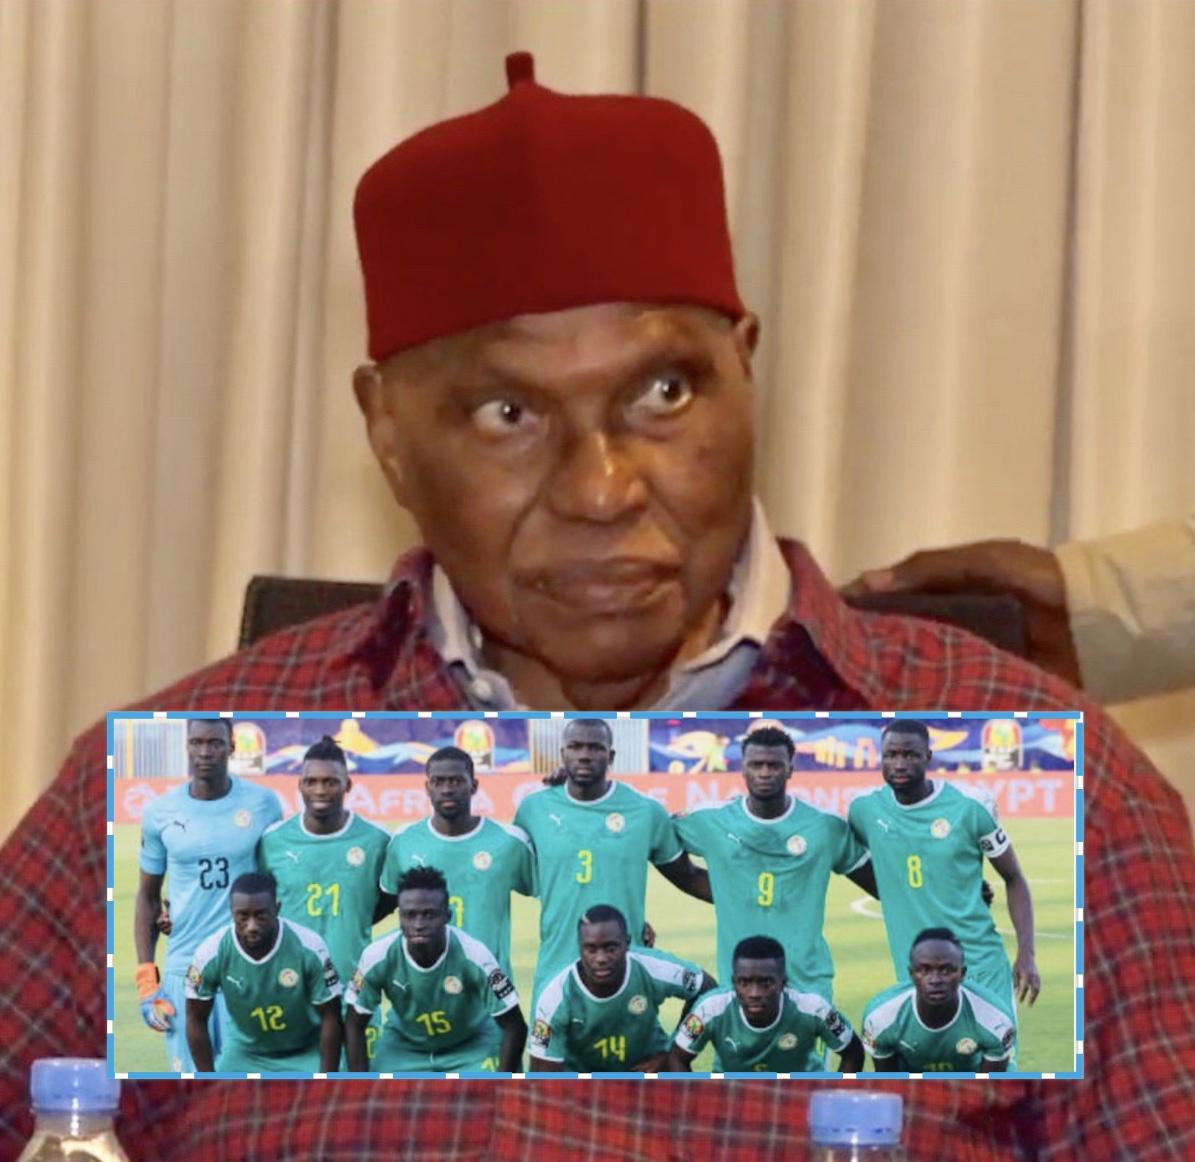 Le président Abdoulaye Wade galvanise les Lions : «Je vous vois déjà victorieux...»